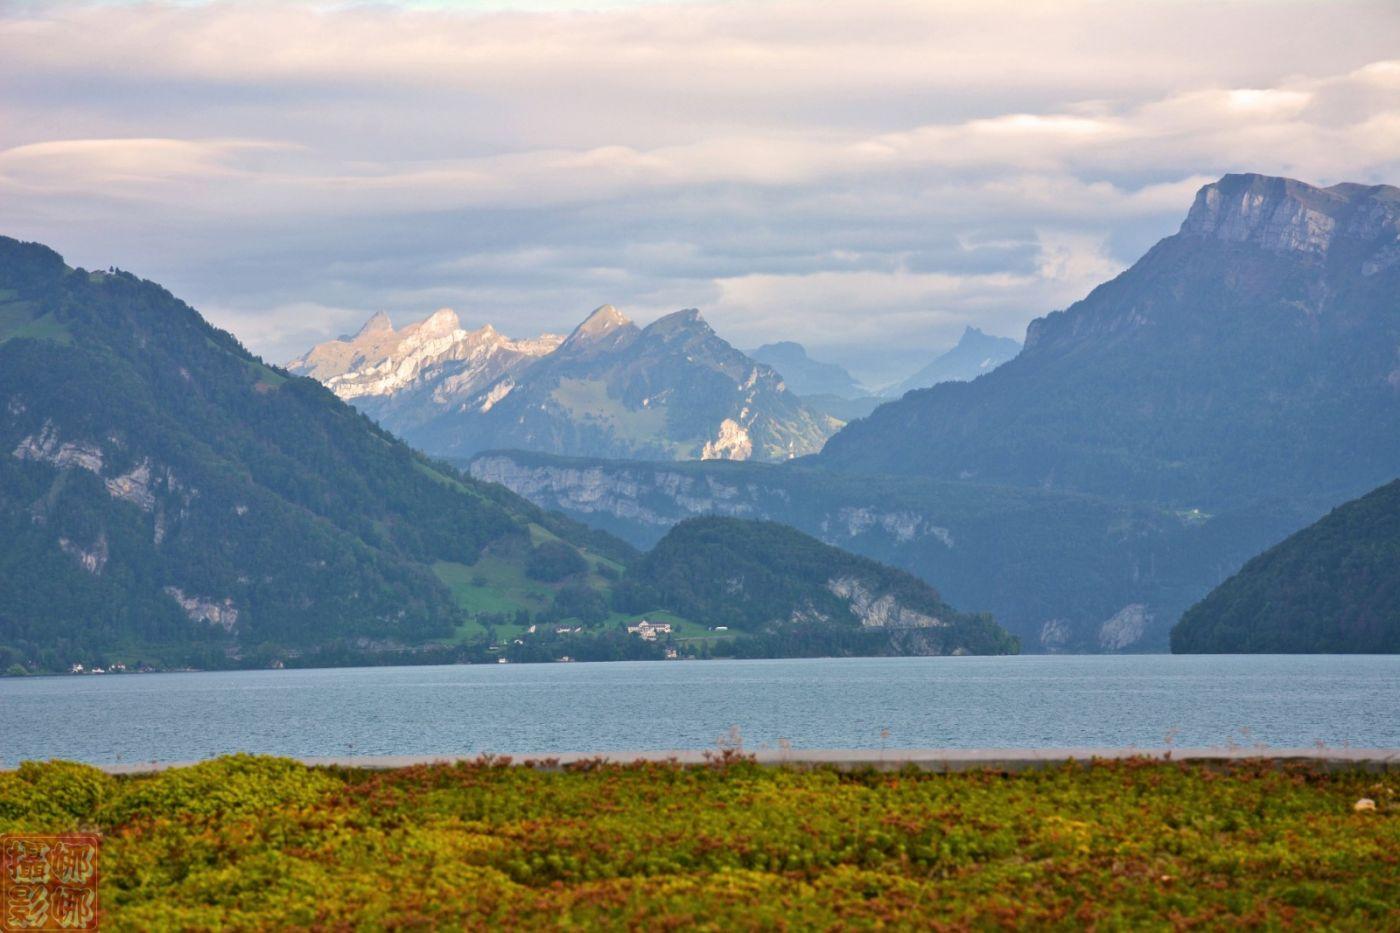 瑞士卢塞恩湖畔风光(二)_图1-4